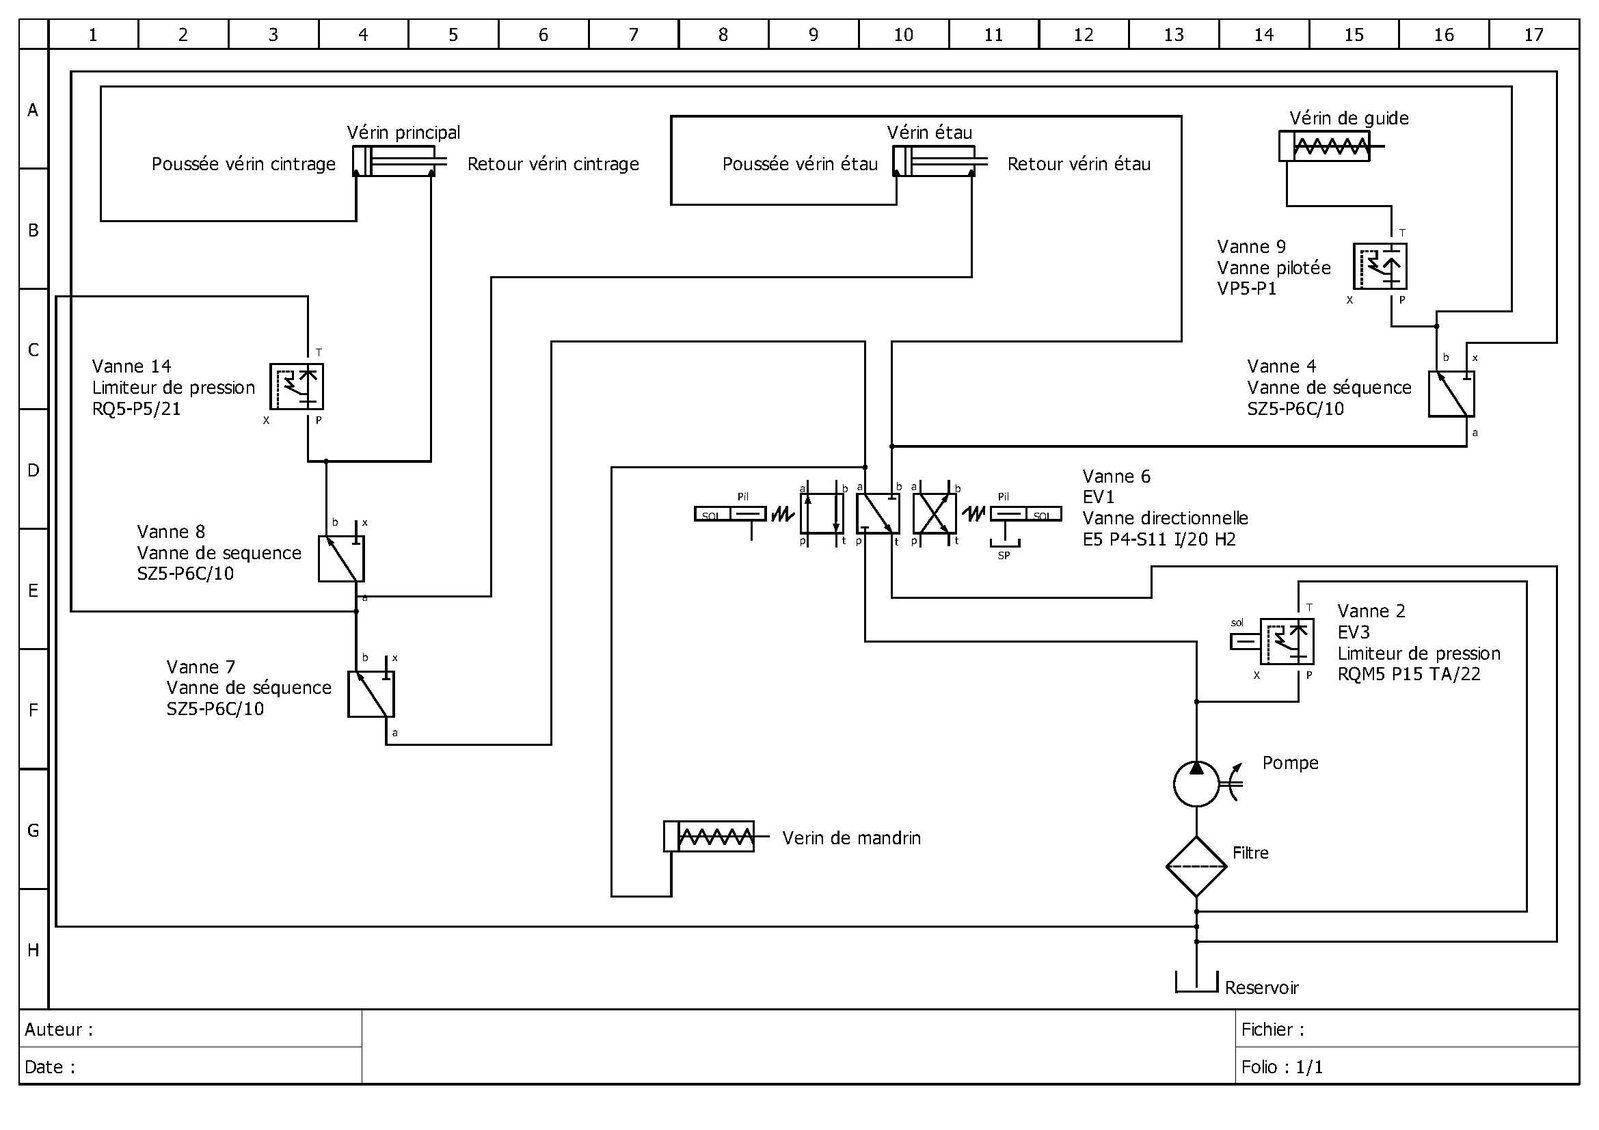 schema_hydraulique BLM.jpg